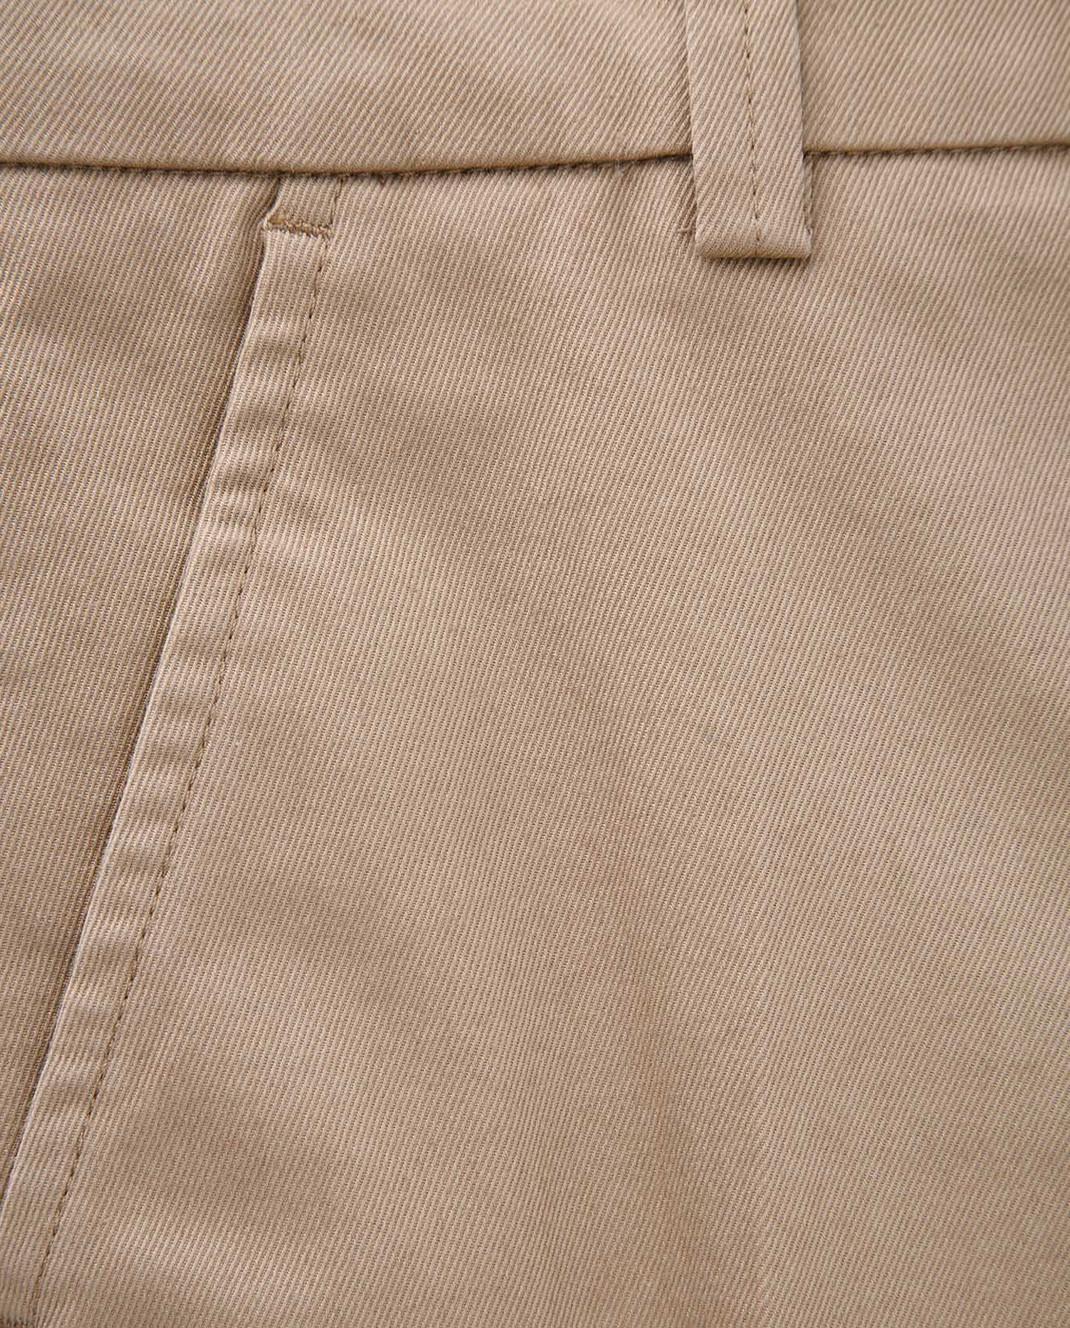 Moncler ENFANT Детские бежевые брюки 110188A10A изображение 3